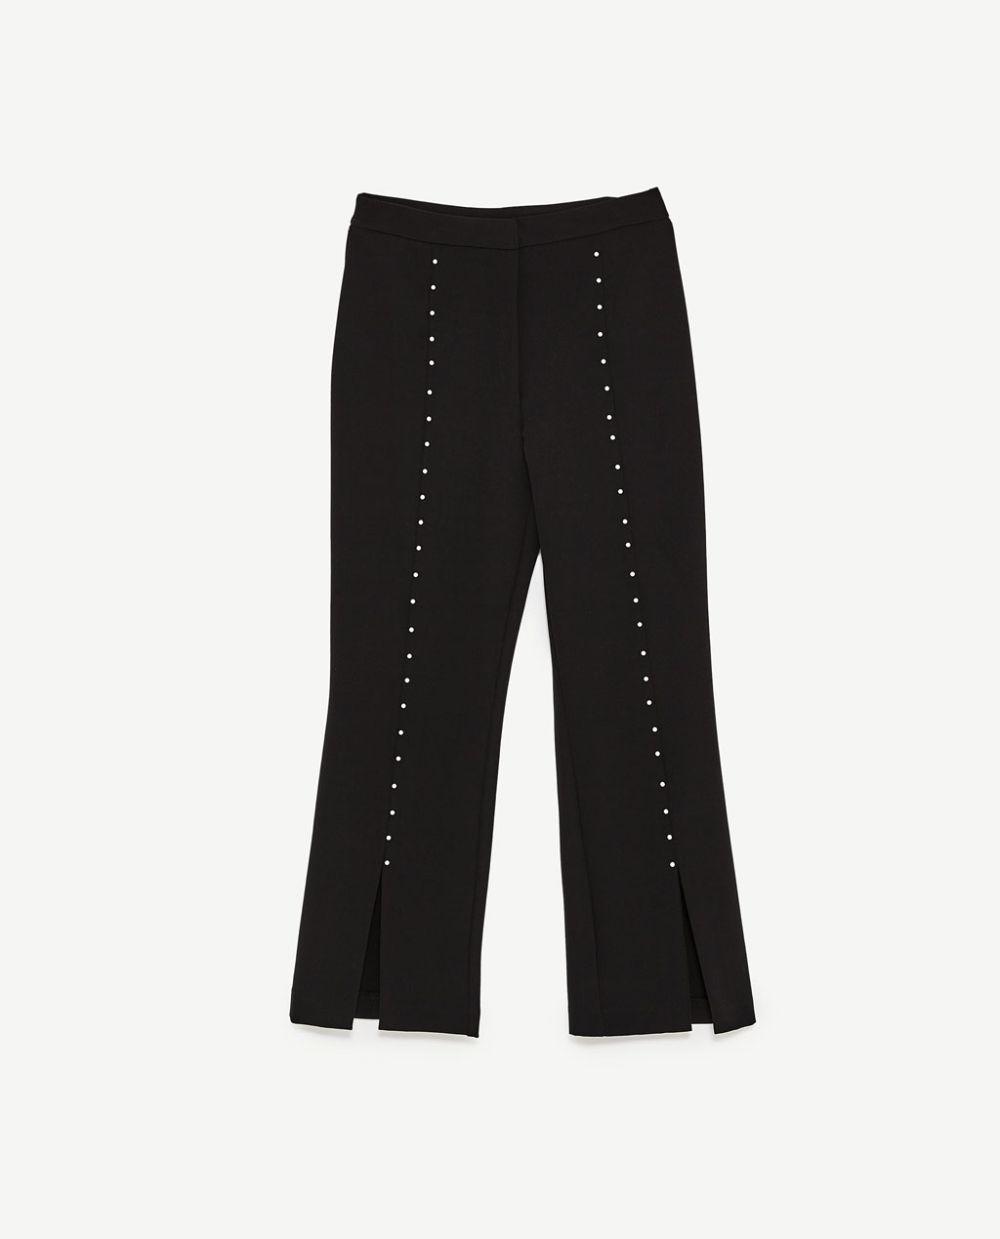 Pantalón con detalles de perlas, Zara (29.95 euros).